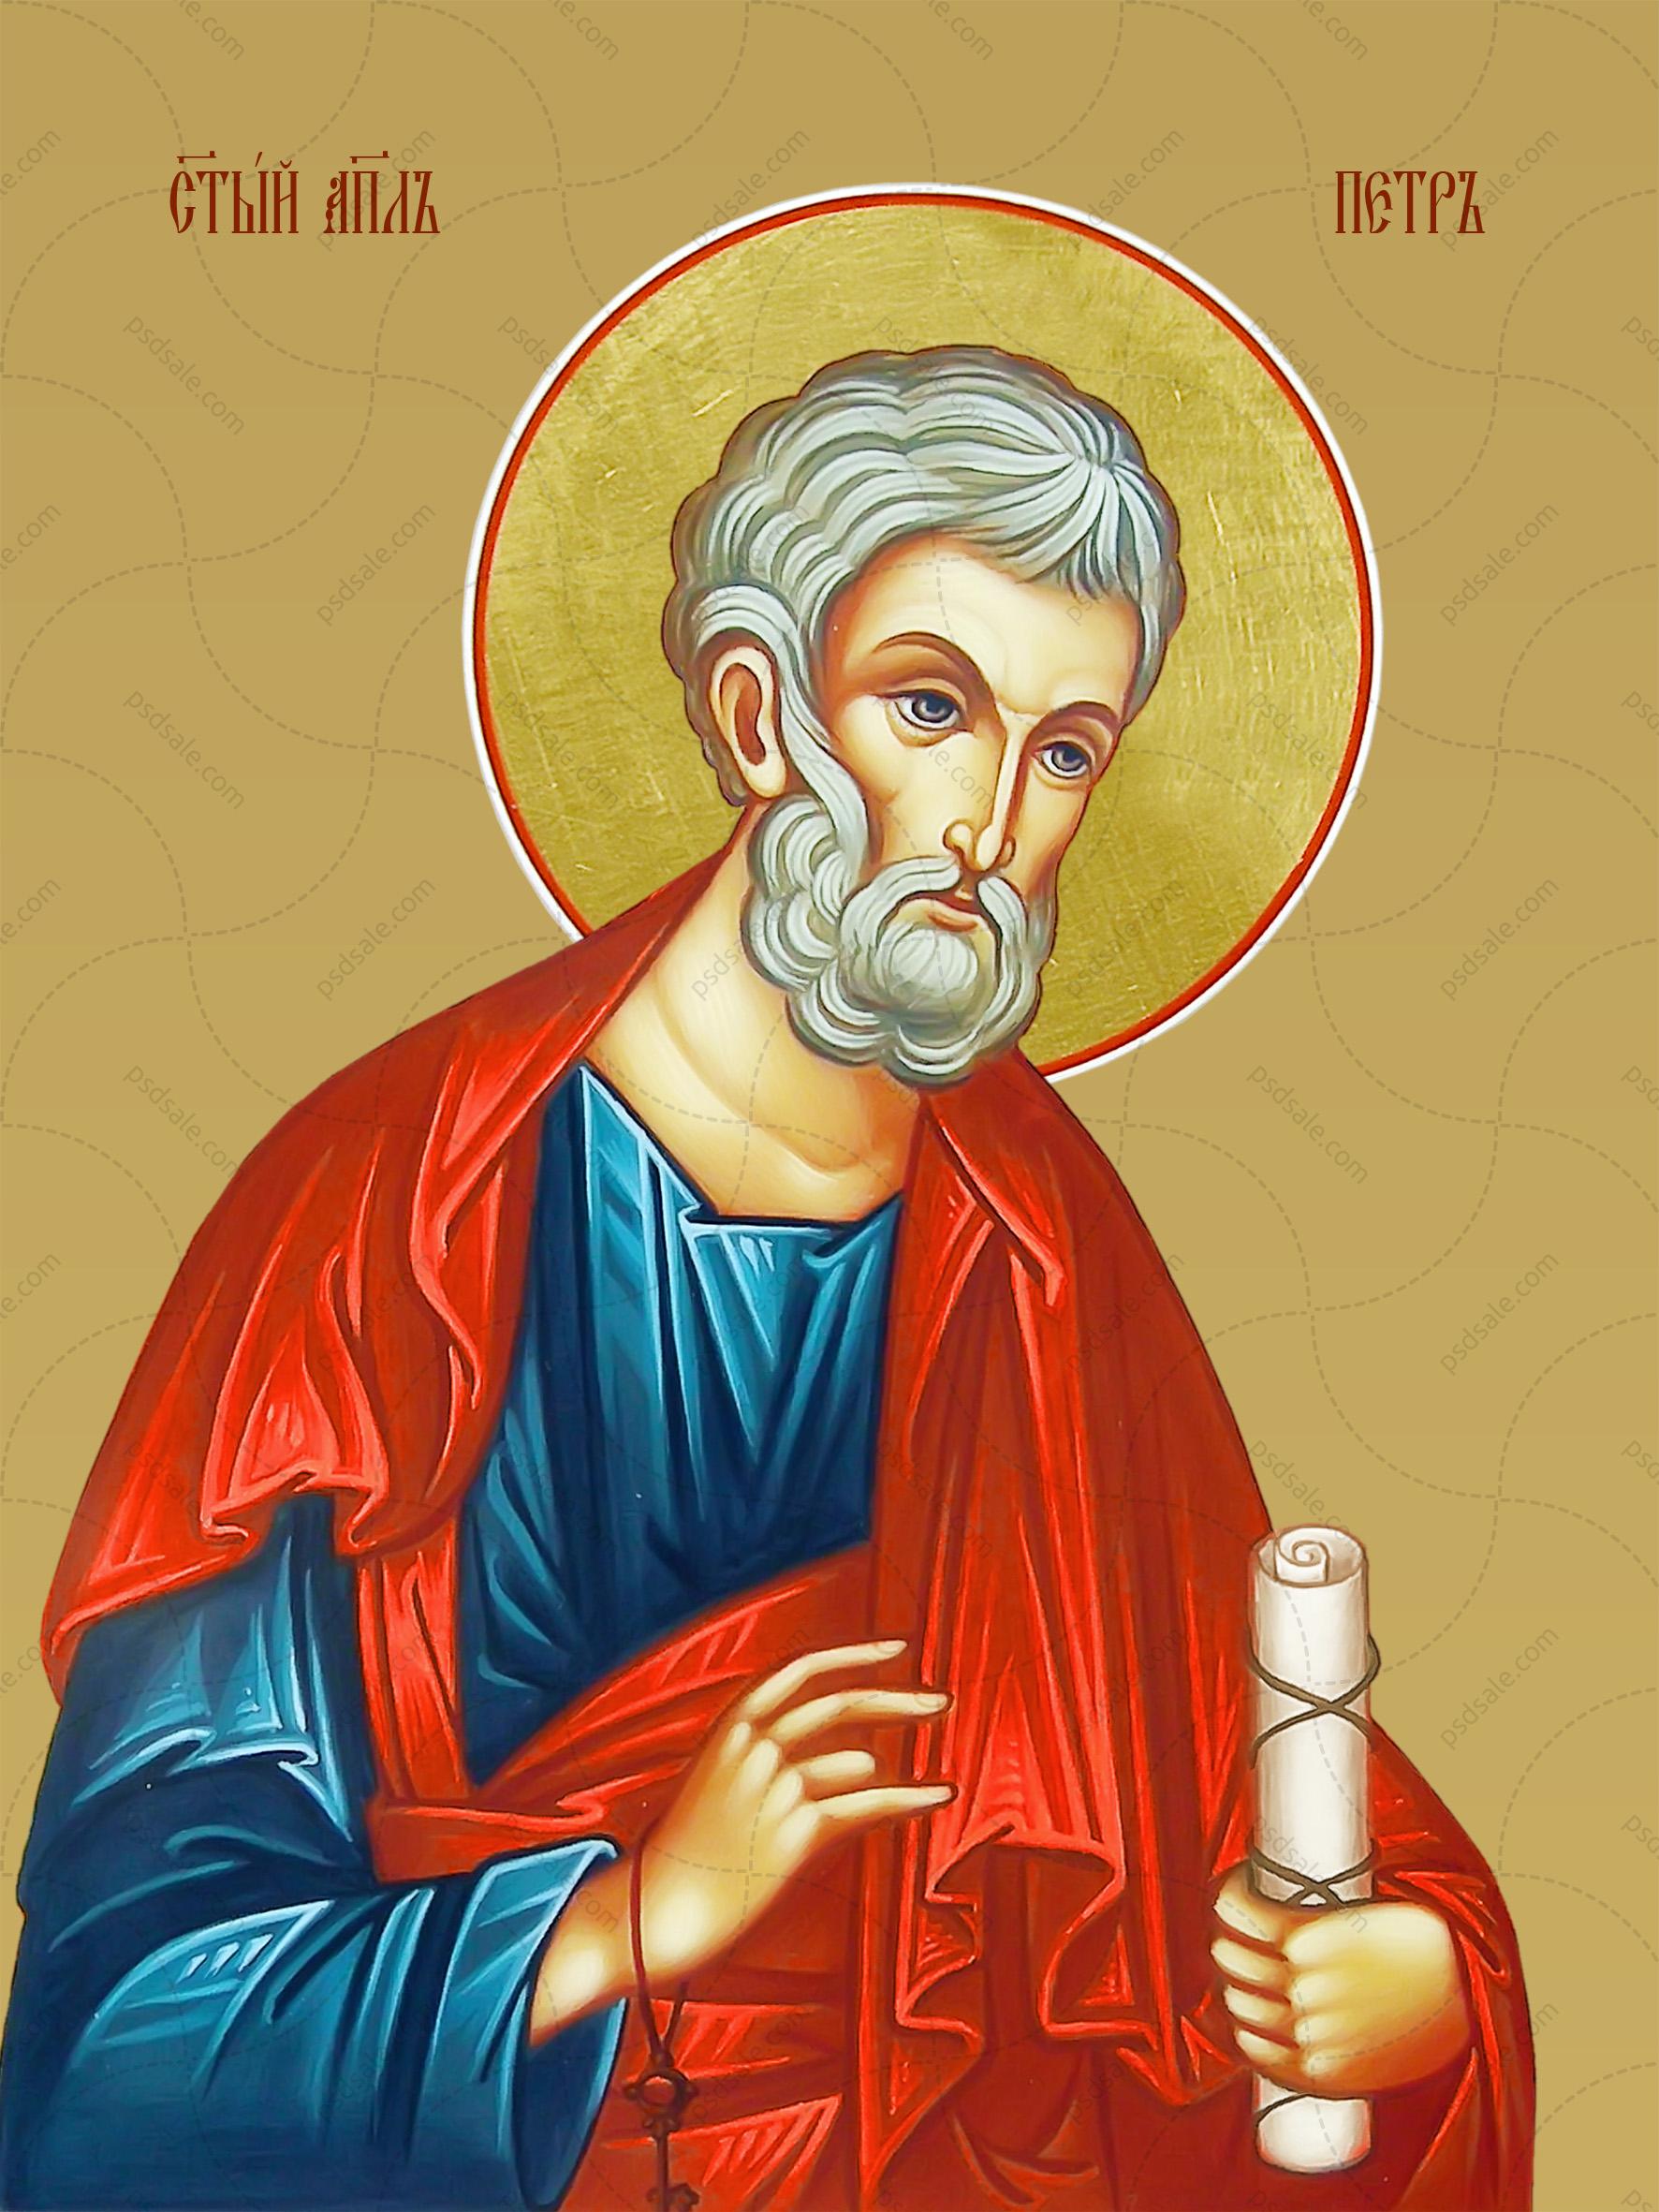 Петр, святой апостол